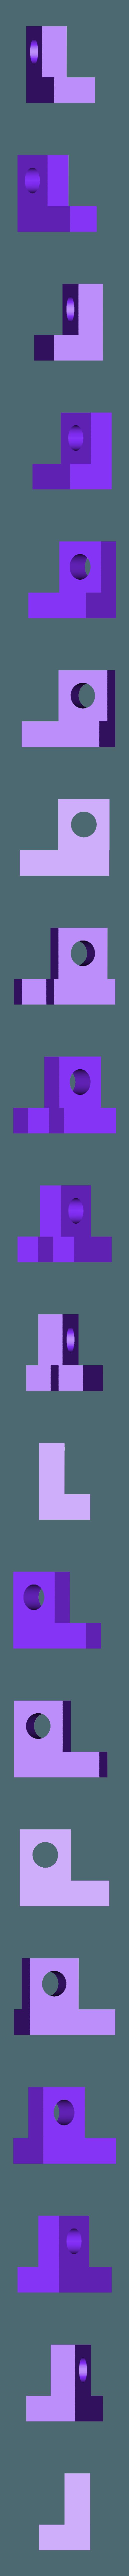 MODEL13.stl Télécharger fichier STL gratuit Exemple de dessin technique 13 • Plan pour imprimante 3D, murbay52